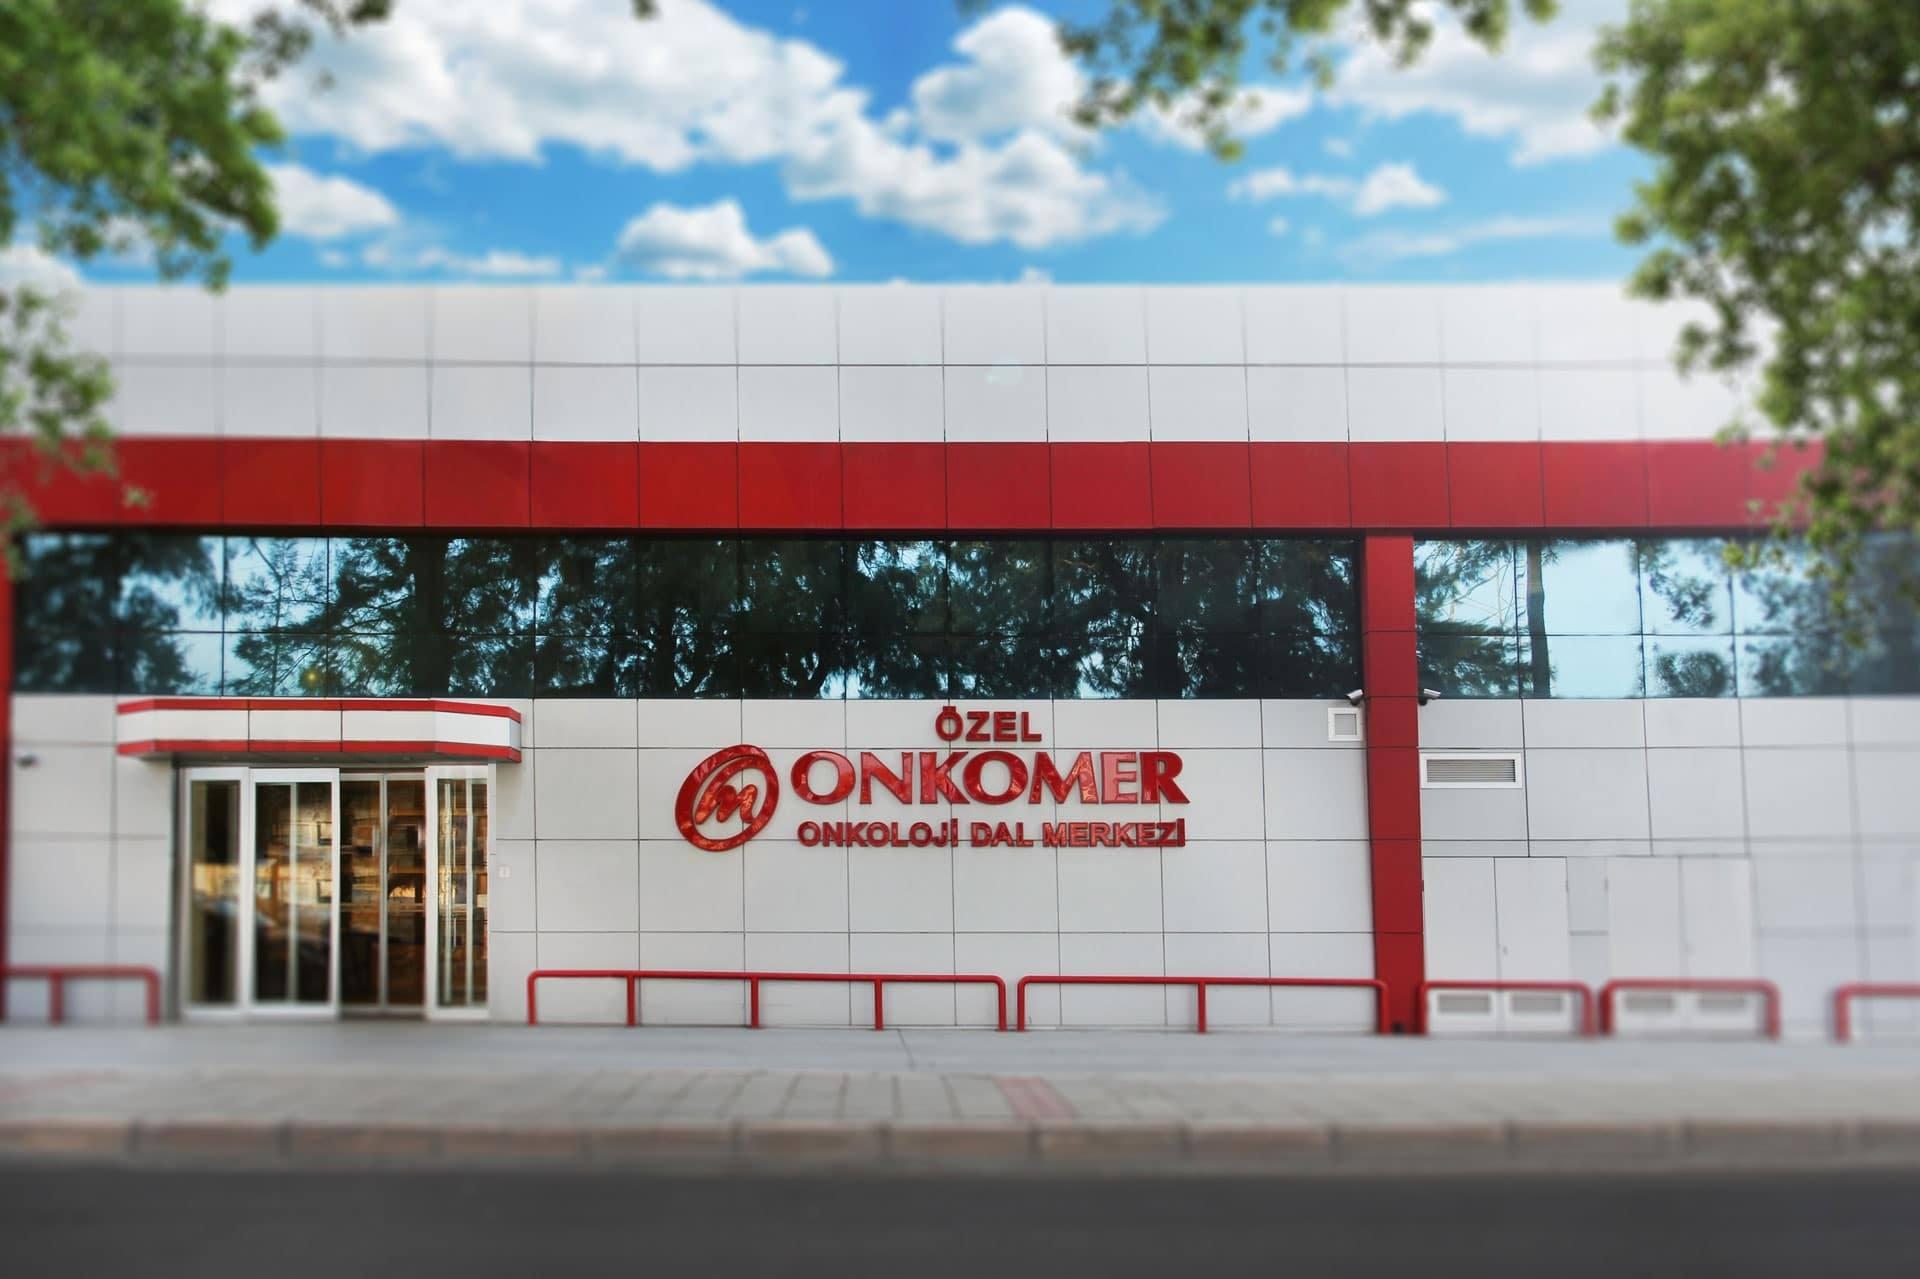 Onkomer Özel Onkoloji Merkezi